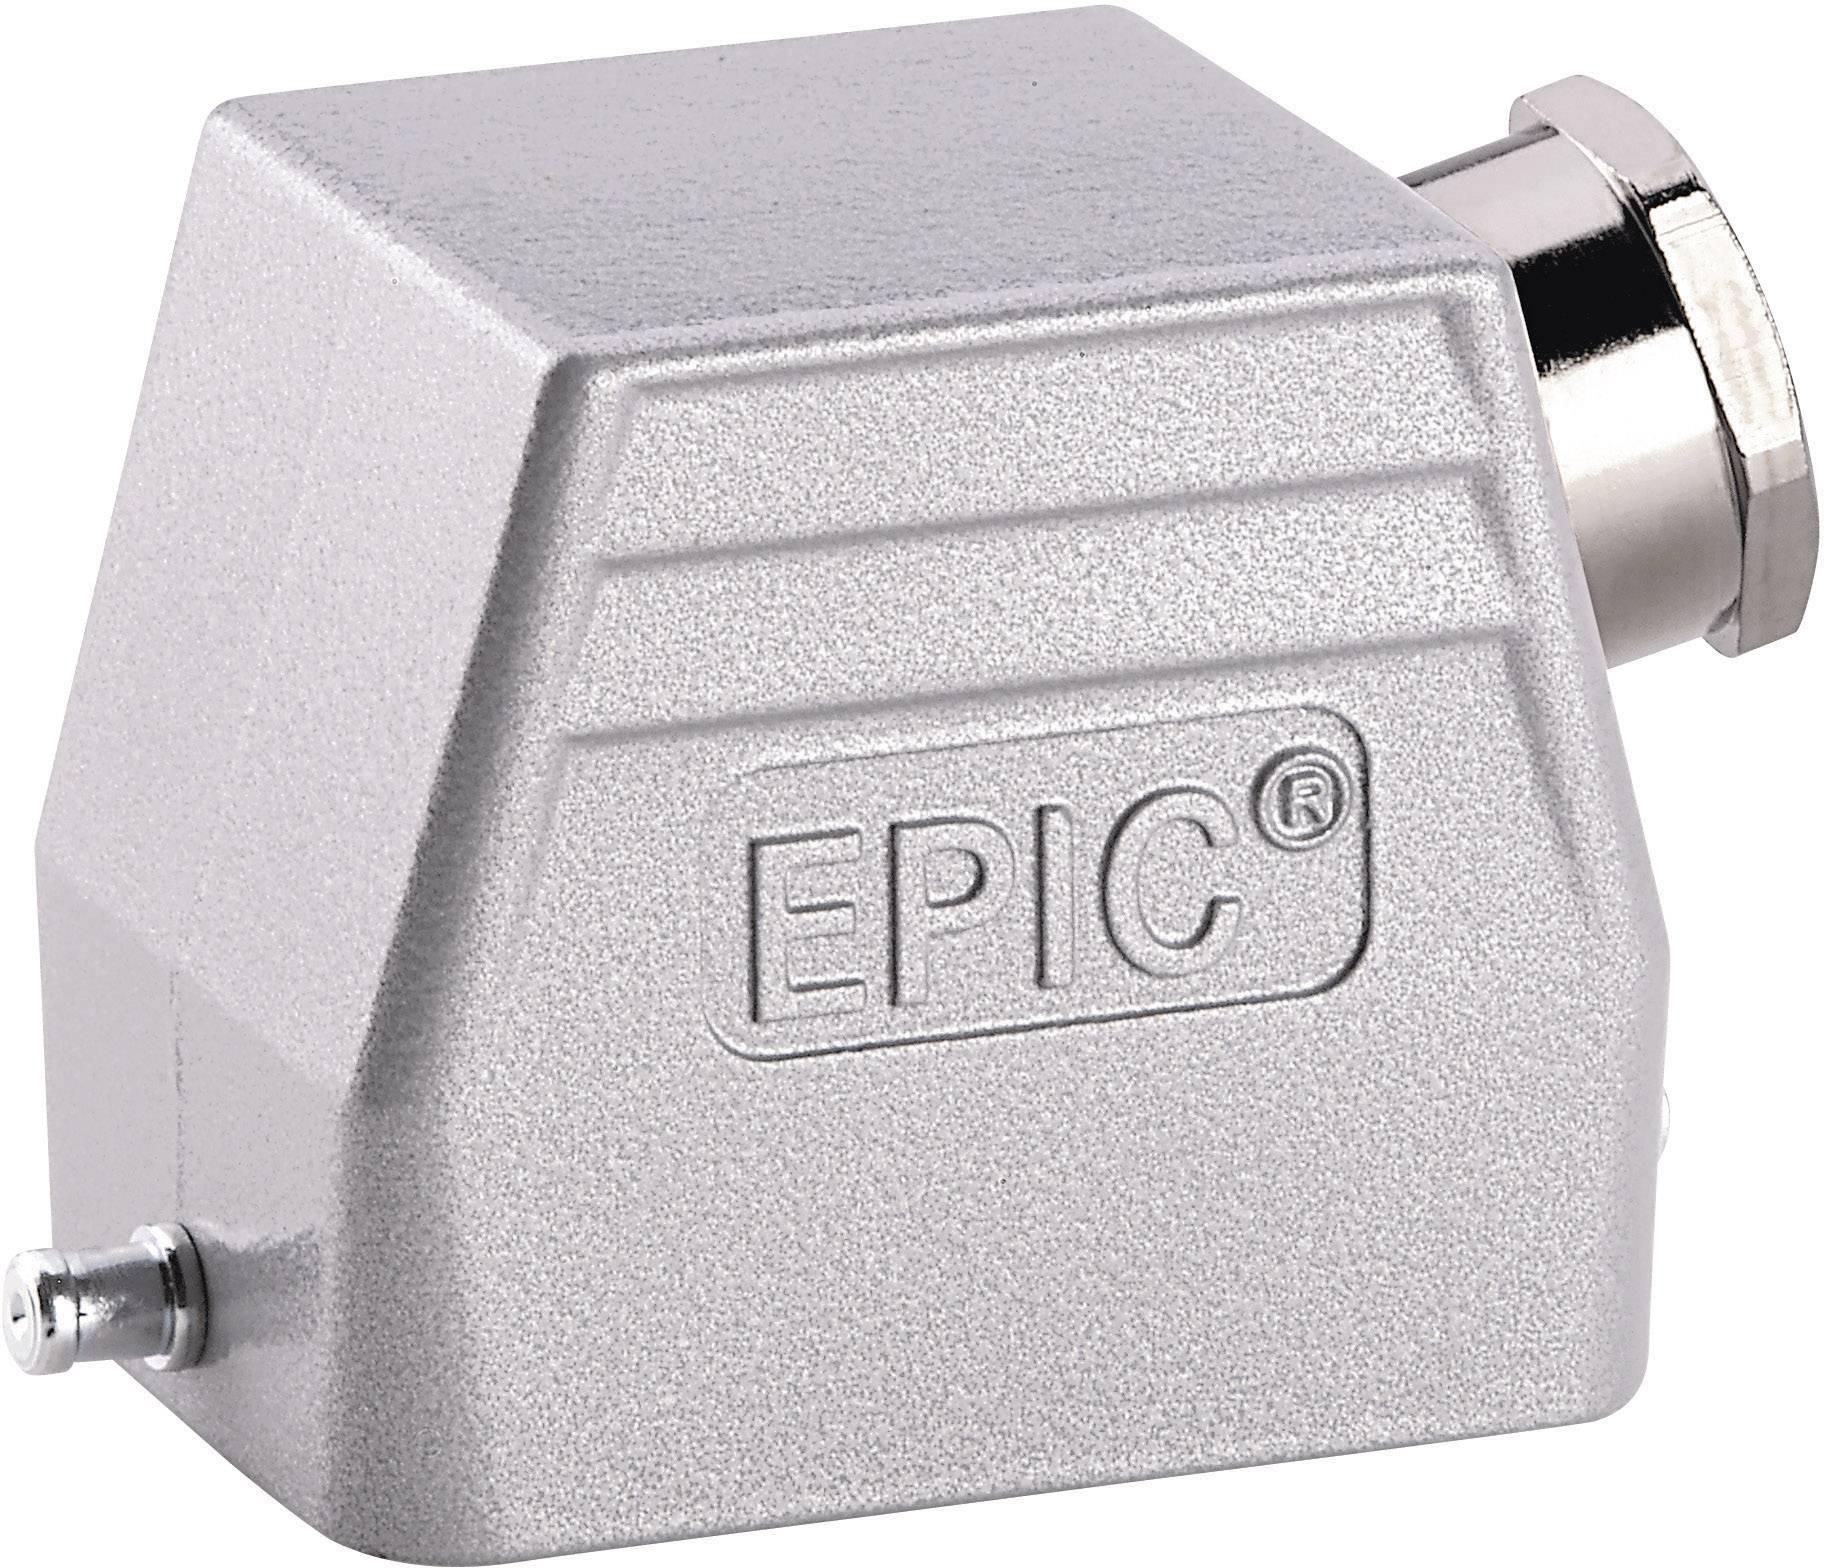 Pouzdro LappKabel EPIC® H-B 6 TS M25 ZW 19022000 1 ks